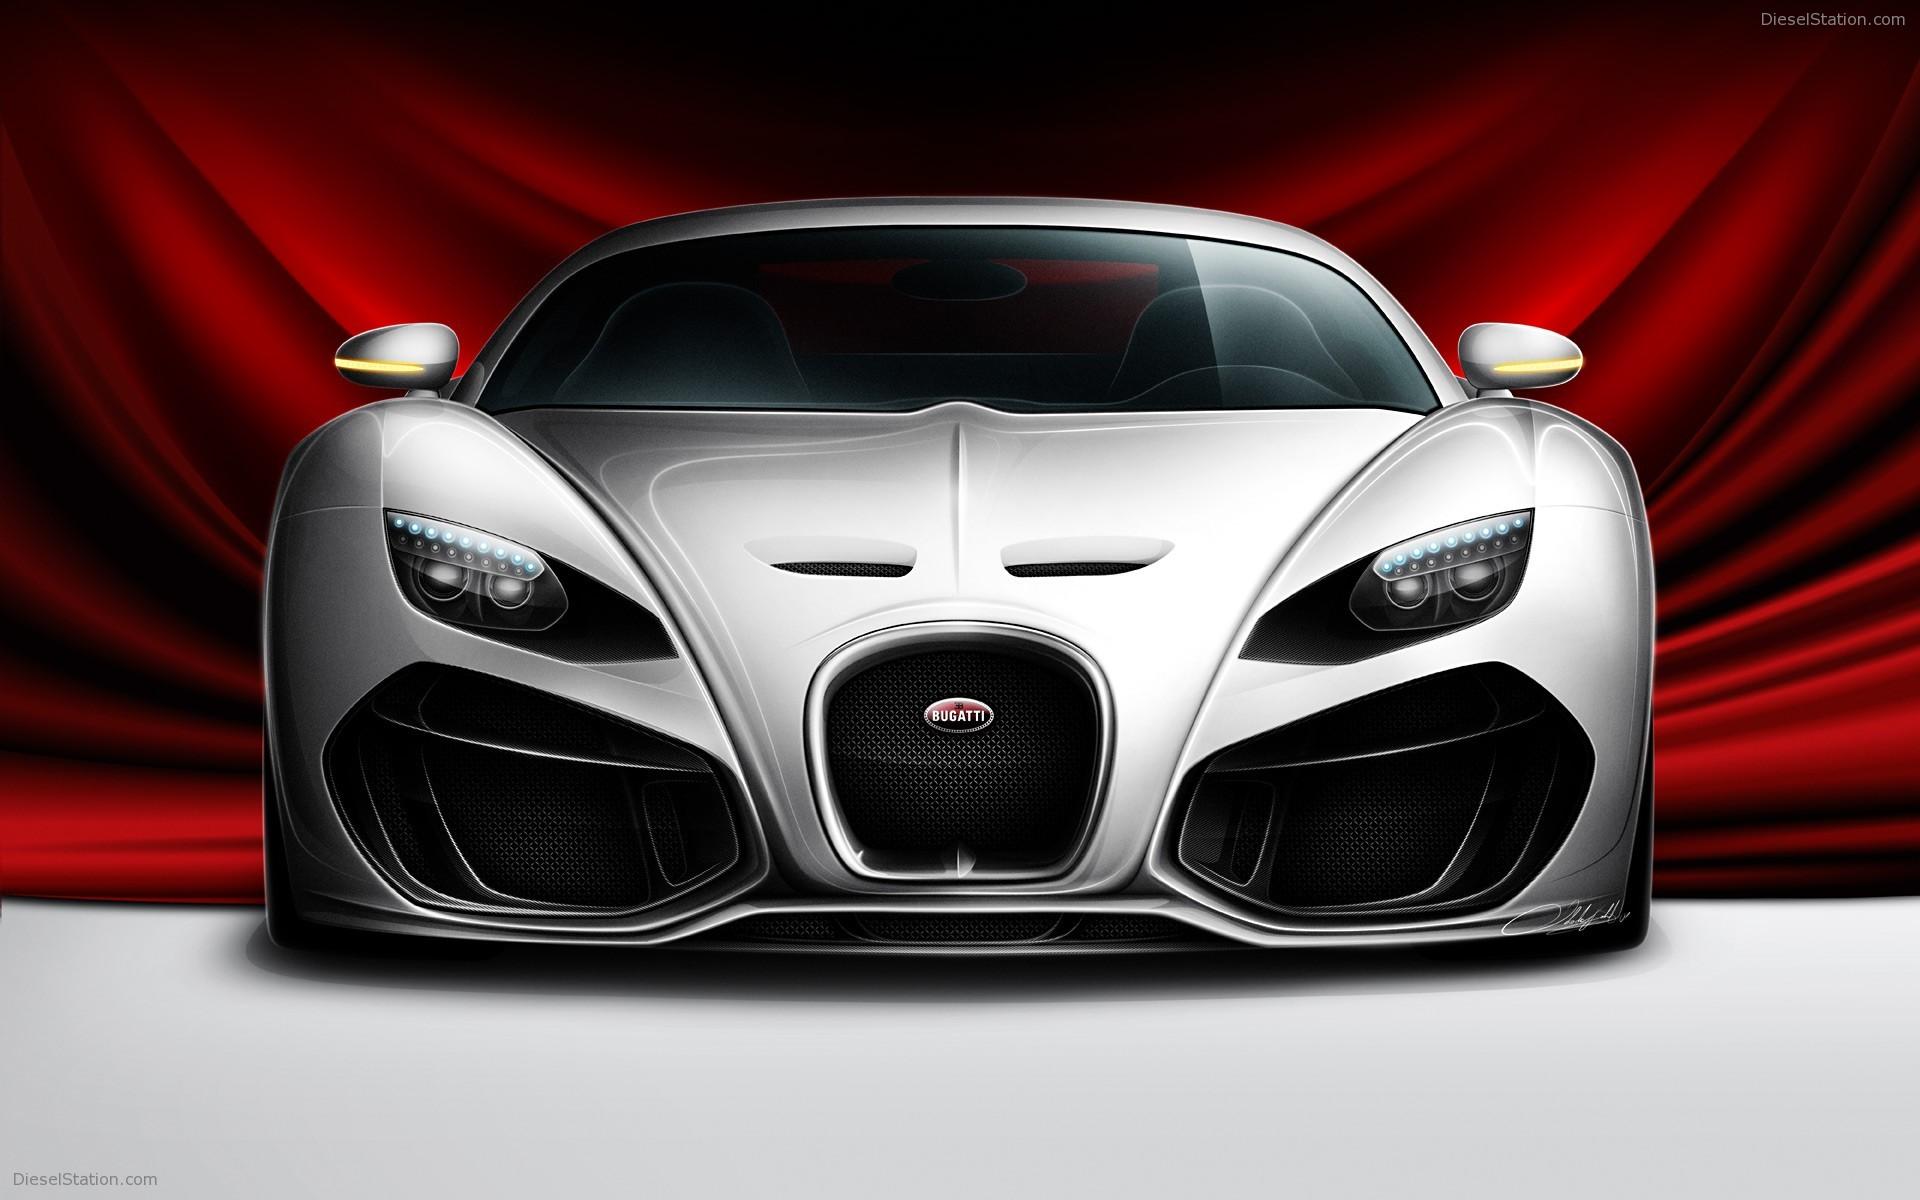 Bugatti Venom Concept Volado Design Widescreen Home Automotive Wallpaper For Computer